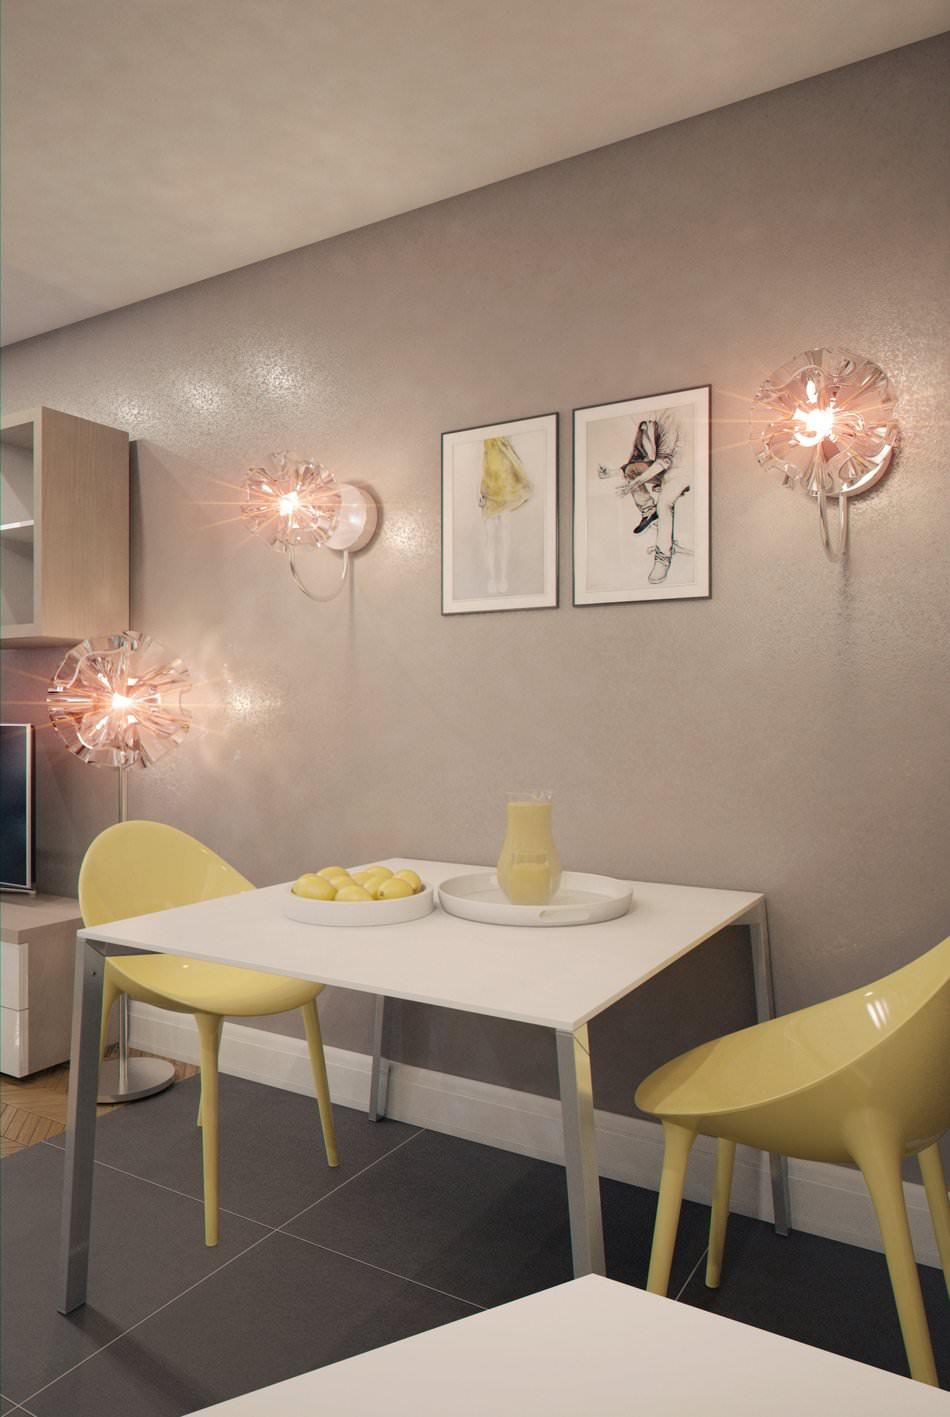 интерьер маленькой квартиры-студии 28 кв. м.